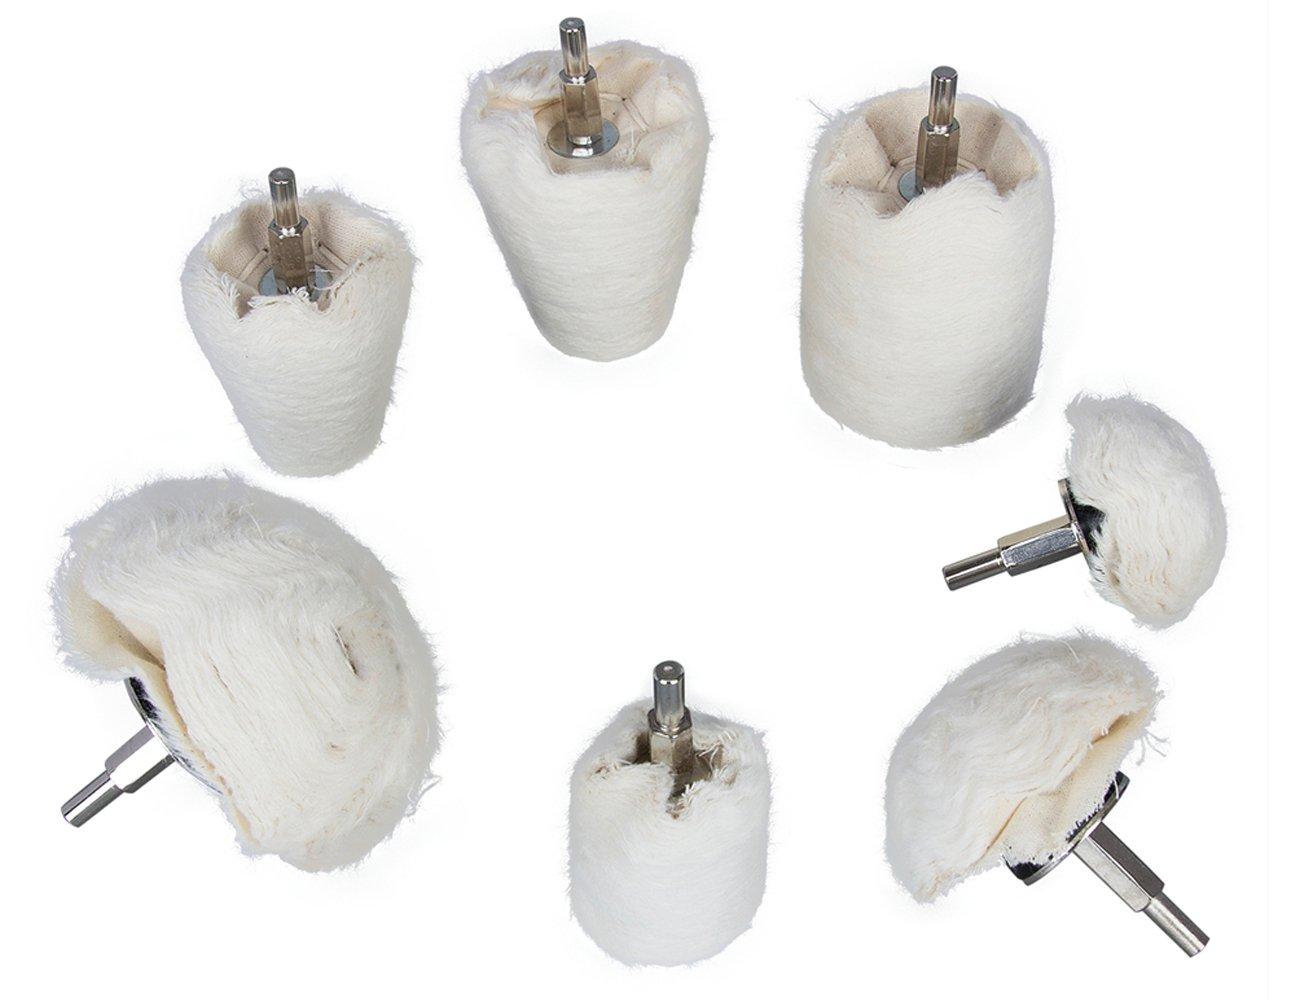 plastica vetro gioielli per metallo alluminio ecc. in flanella di cotone bianca ceramica 7 rotelle di lucidatura per trapano cromato acciaio inox legno